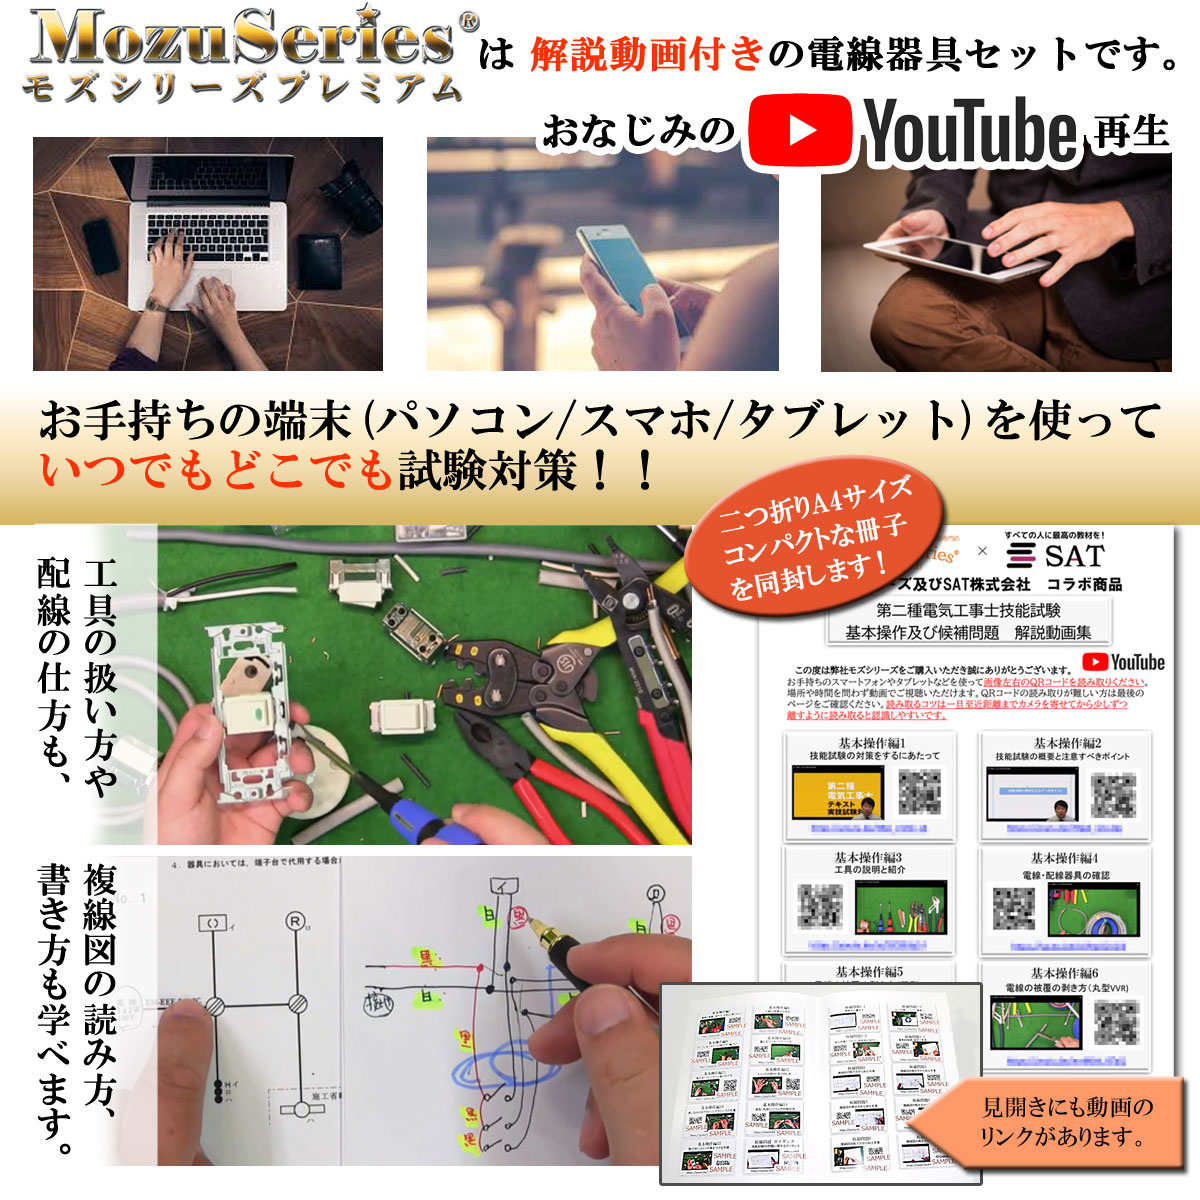 第二種用 【工具付き】  電線器具<br>ダブルセット 電線1回分と器具一式<br>2020年版